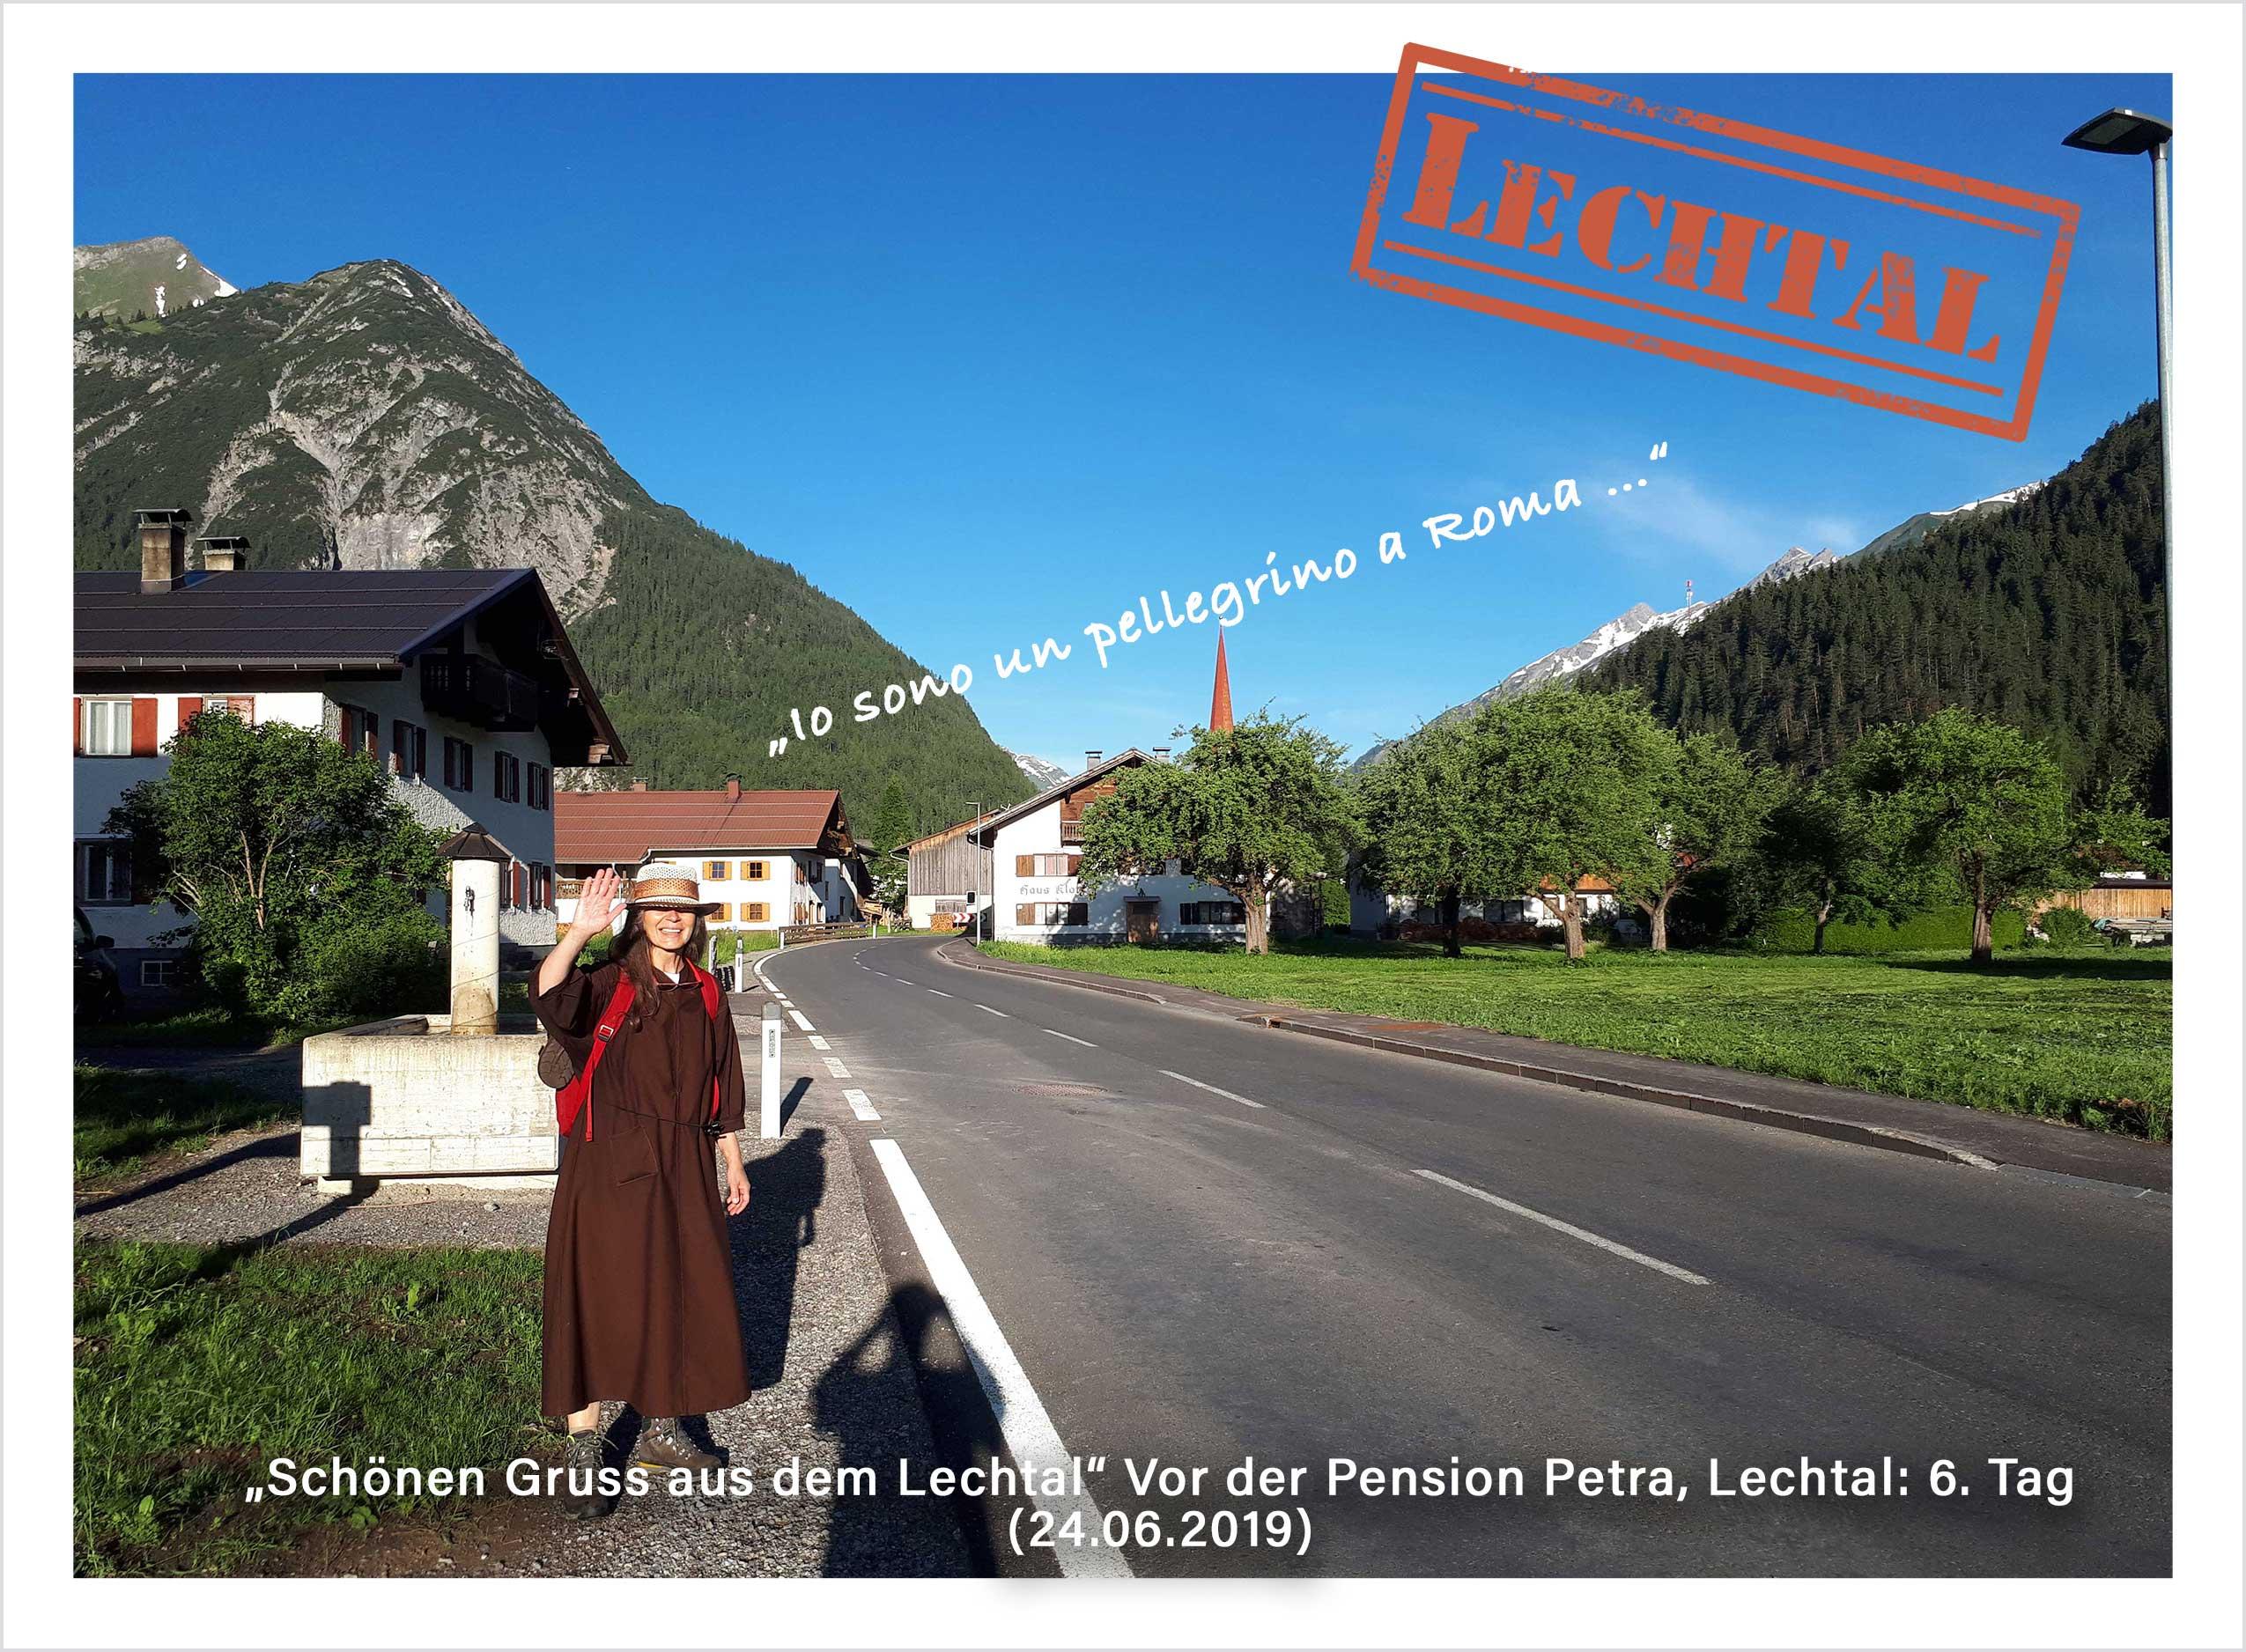 lechtal-zweite-pilgerreise-zu-fuss-nach-rom